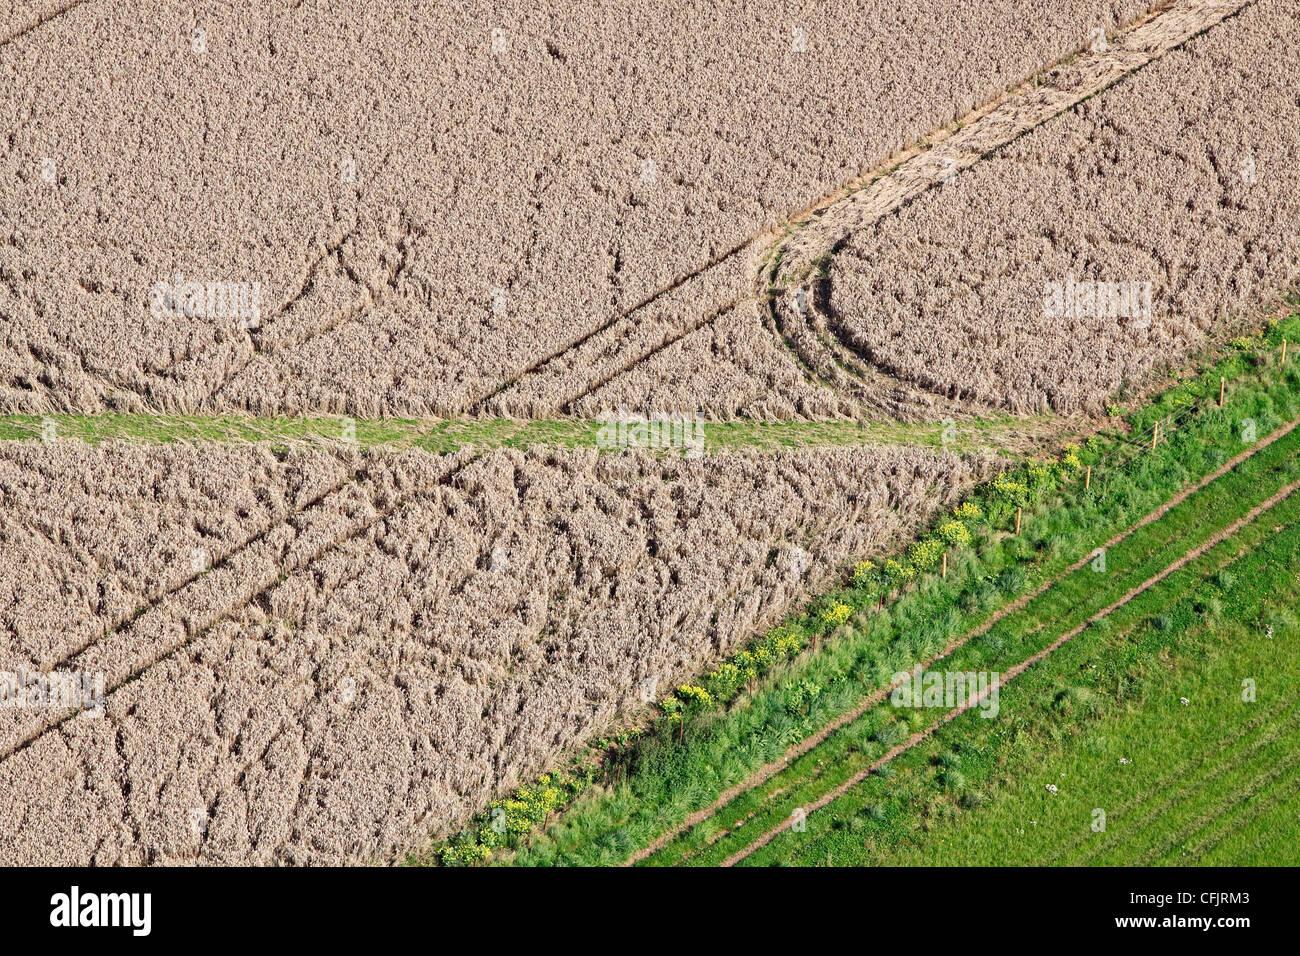 Vista aérea de daño a la cosecha en un campo de trigo Imagen De Stock